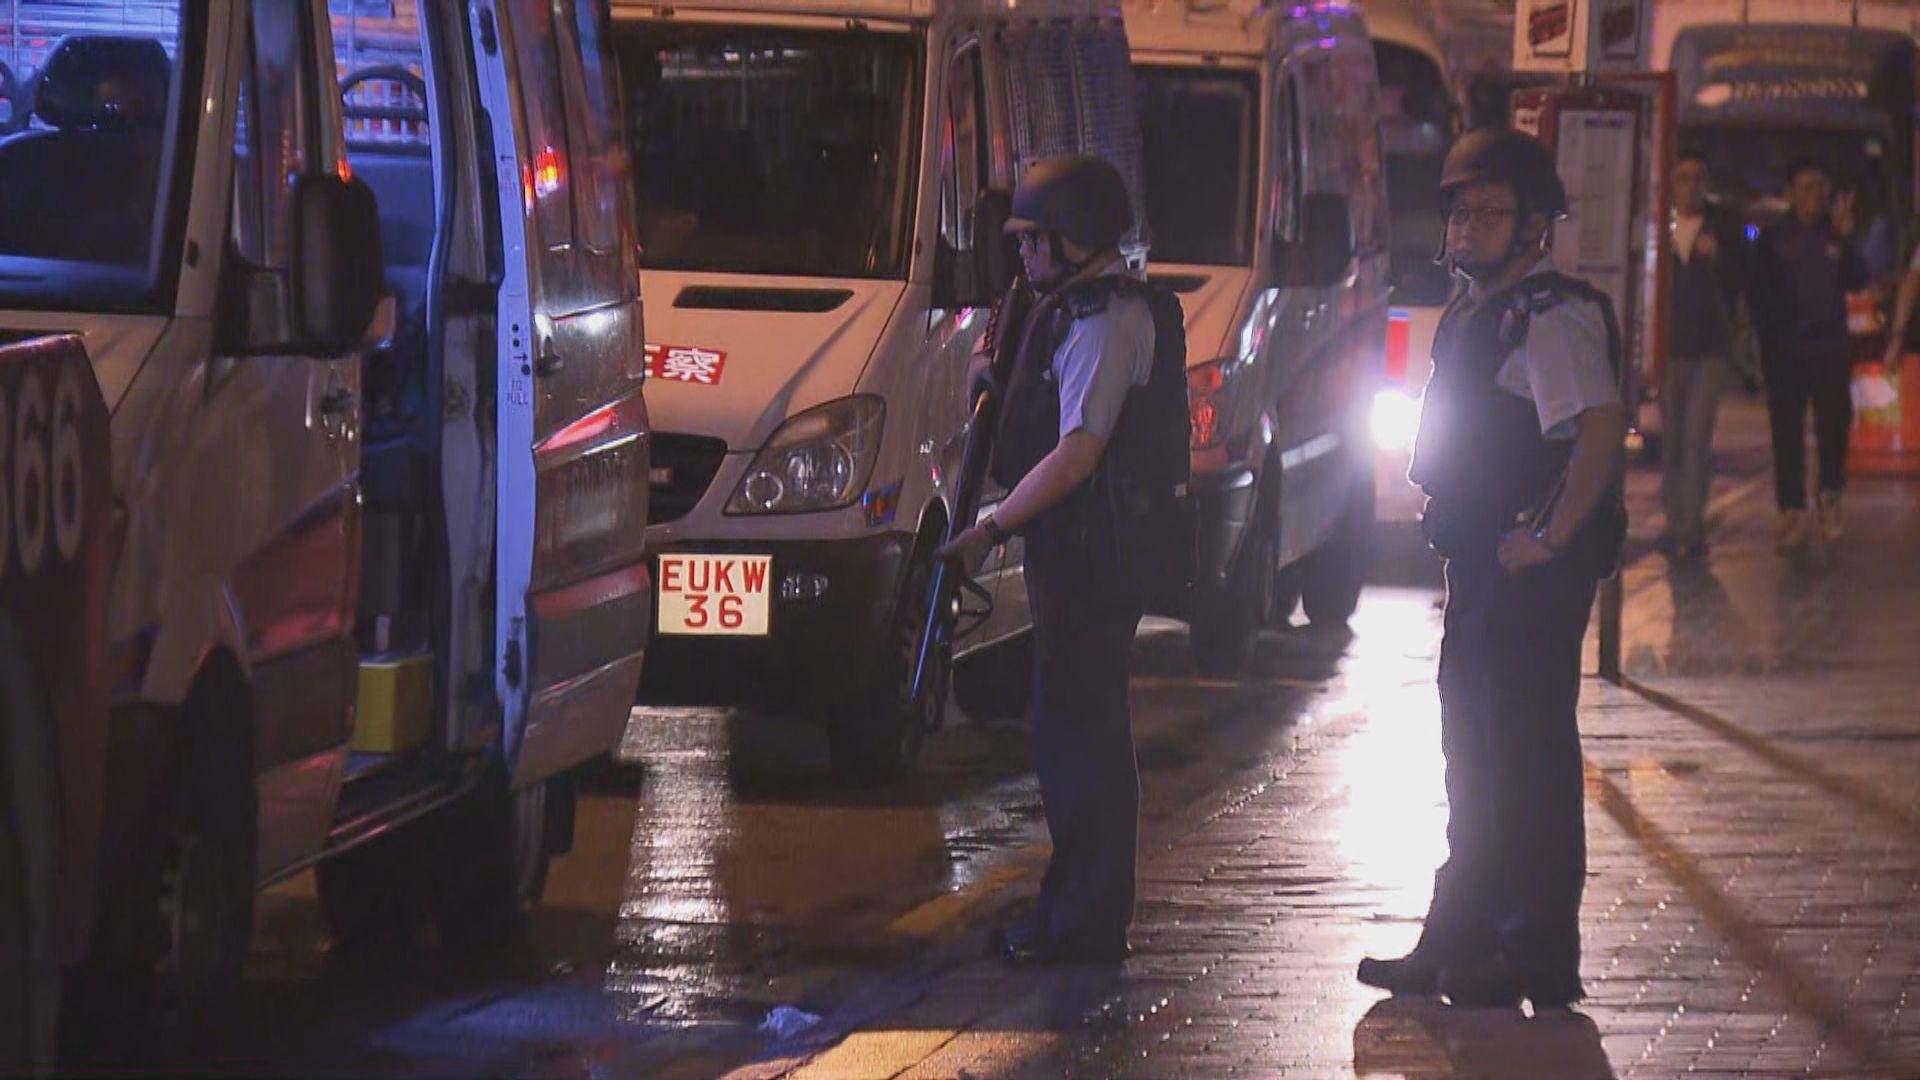 深水埗槍擊案警再拘捕三人 疑兇仍在逃